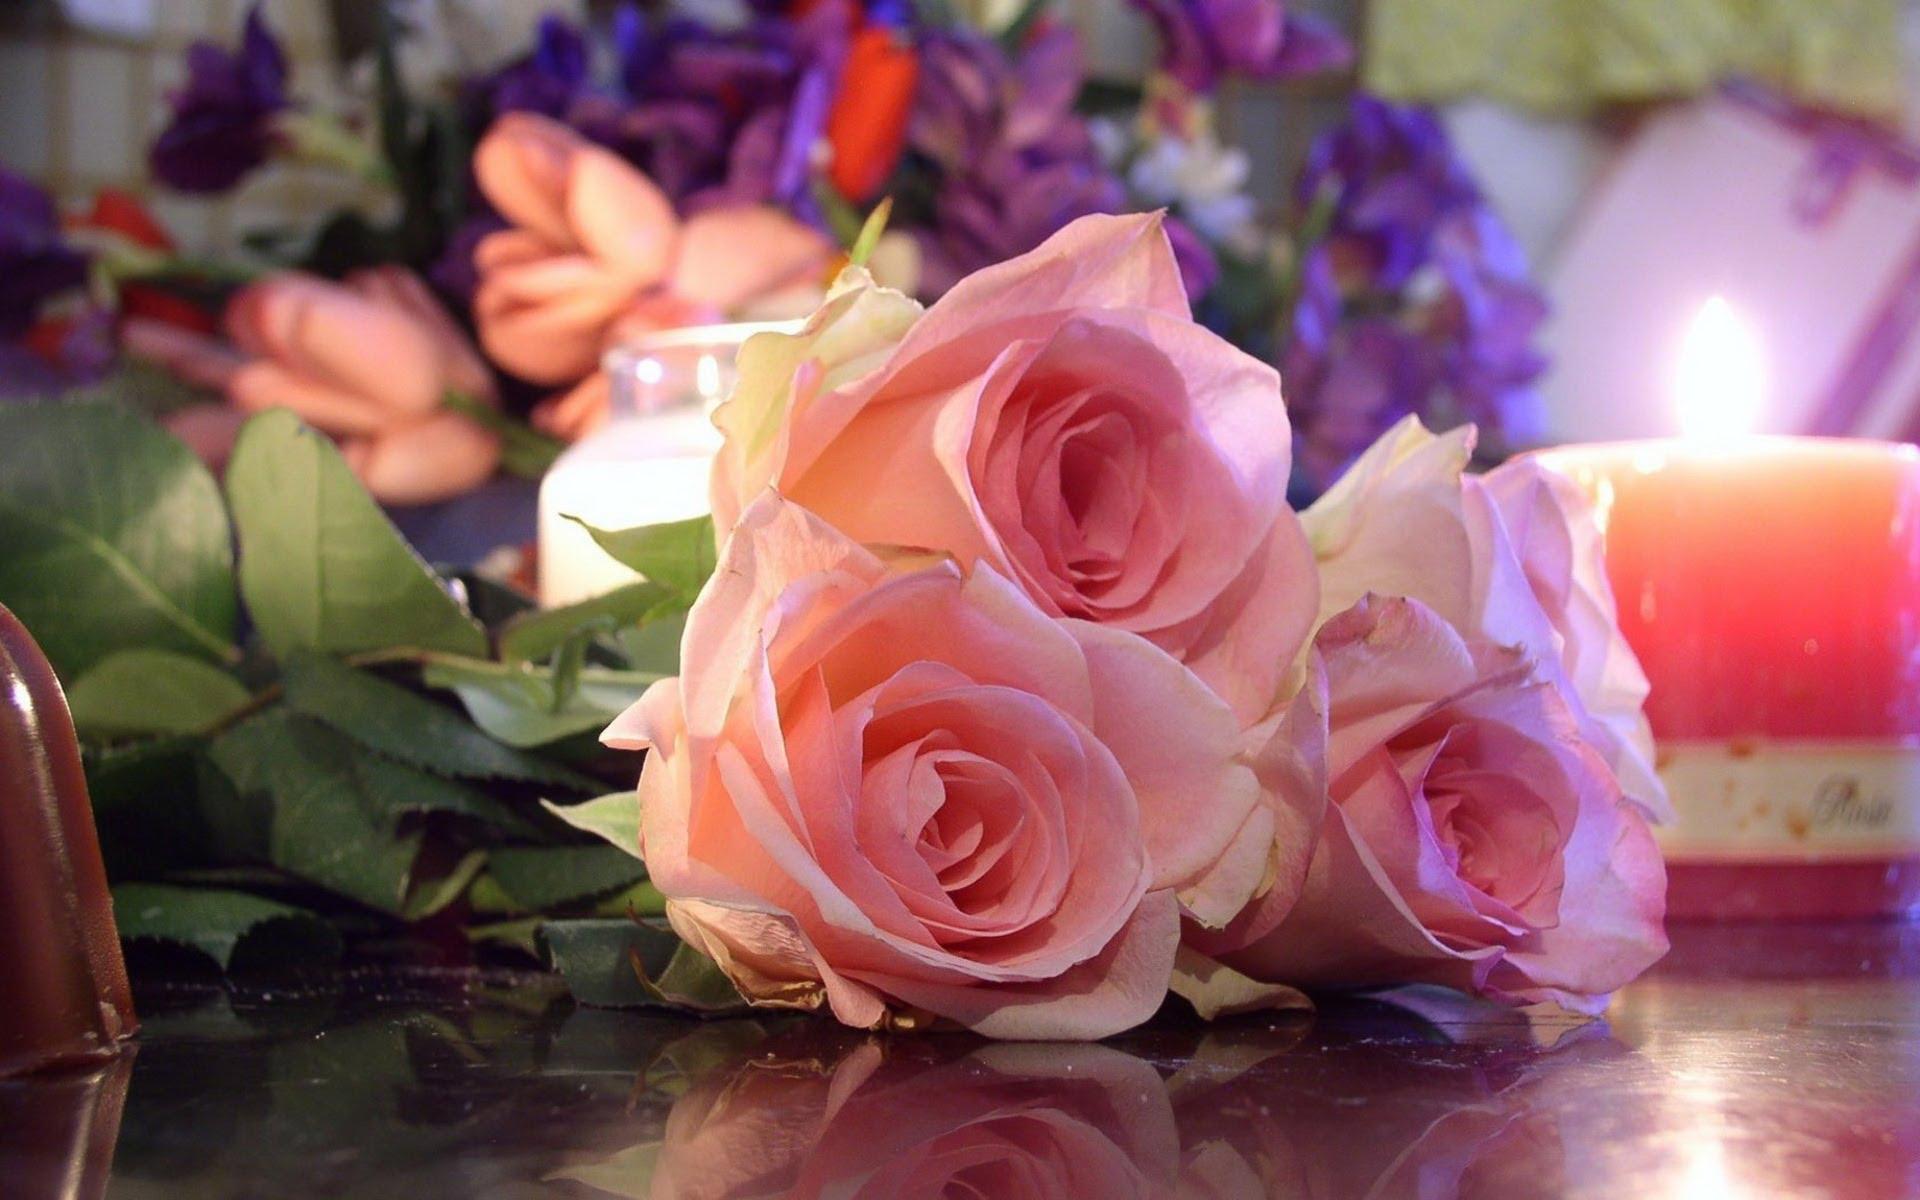 بالصور صور احدث صور ورود طبيعية صور ورد طبيعى باقات ورد احمر , زهور طبيعية 4163 6